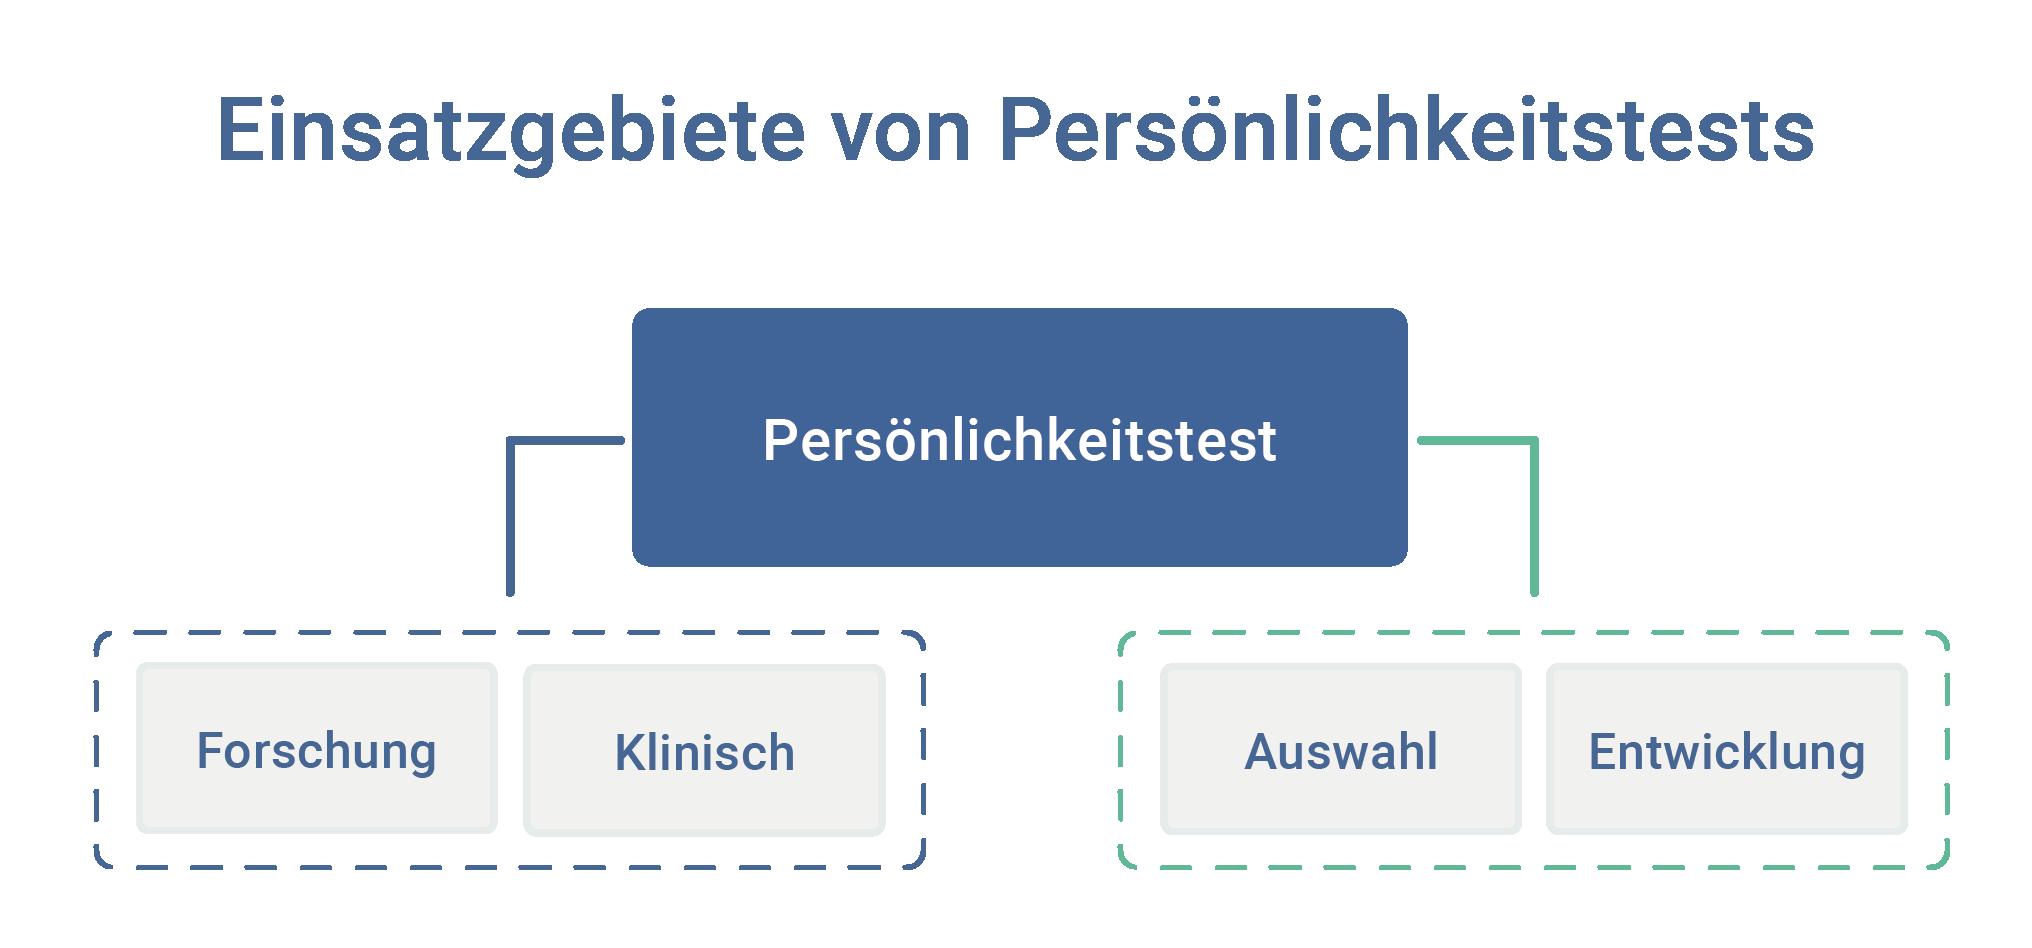 Einsatzgebiete Eignungsdiagnostische Verfahren Persönlichkeitstests  personal auswahl entwicklung